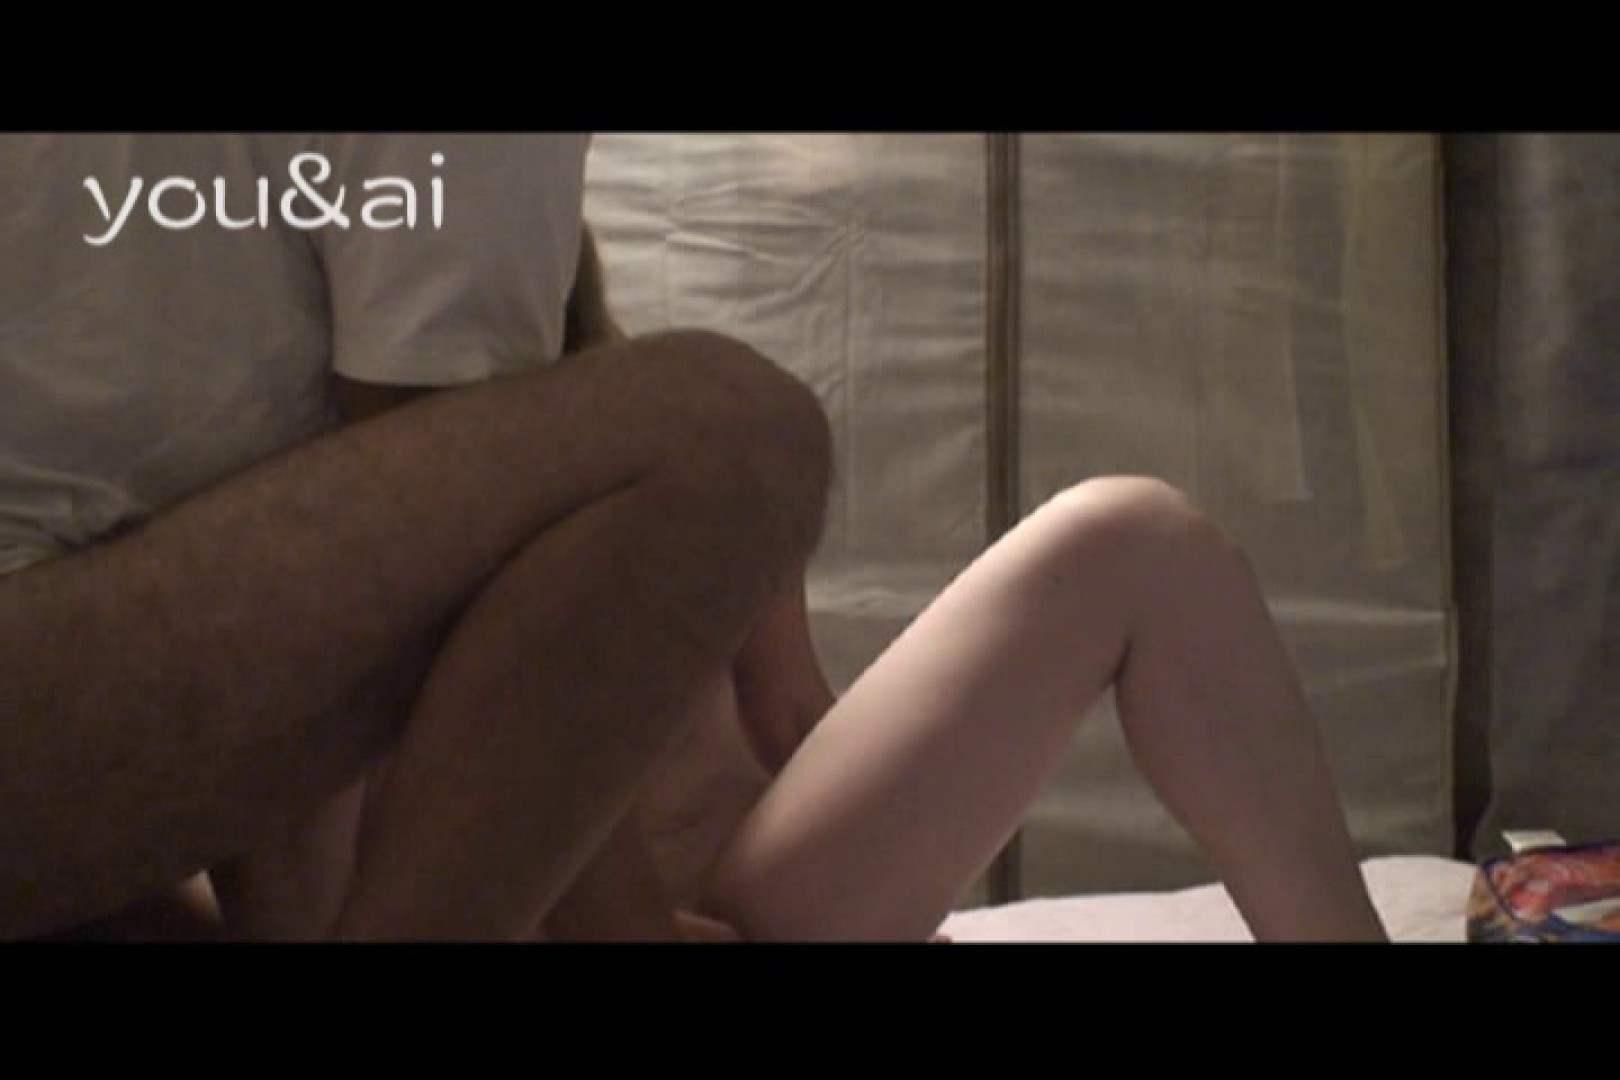 おしどり夫婦のyou&aiさん投稿作品vol.18 バイブ  78連発 11